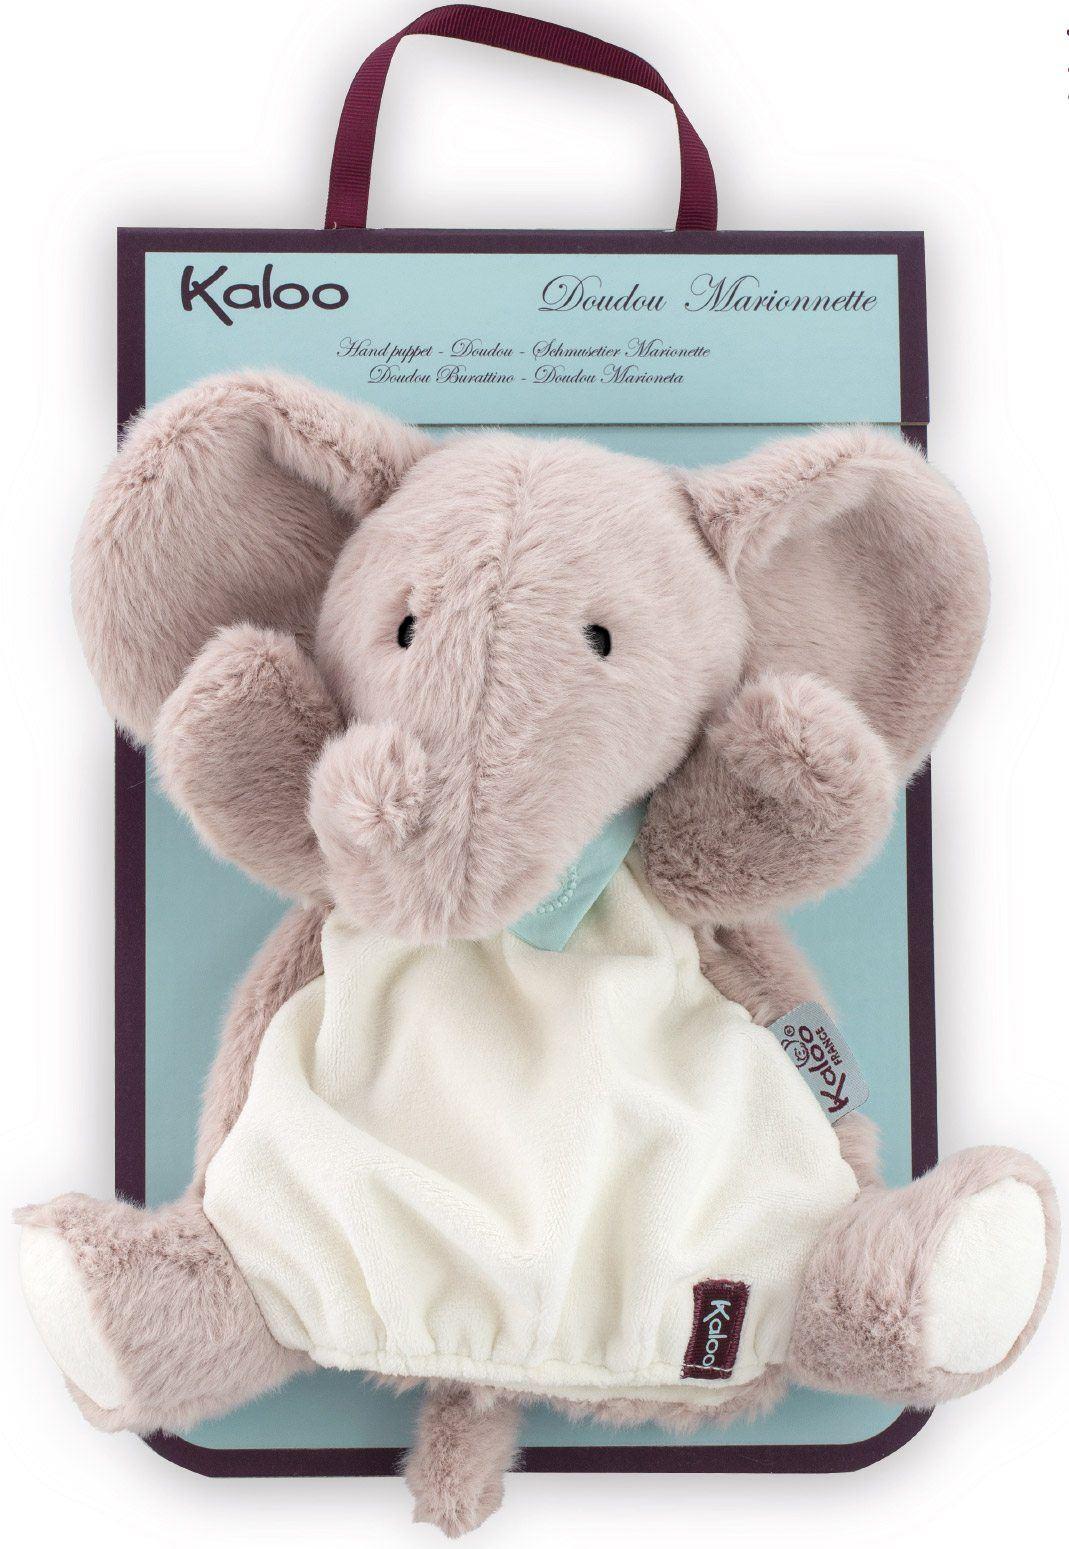 Kaloo Doudou Hand Puppet Penguin Elephant Donkey Soft Toy Baby//Child Gift